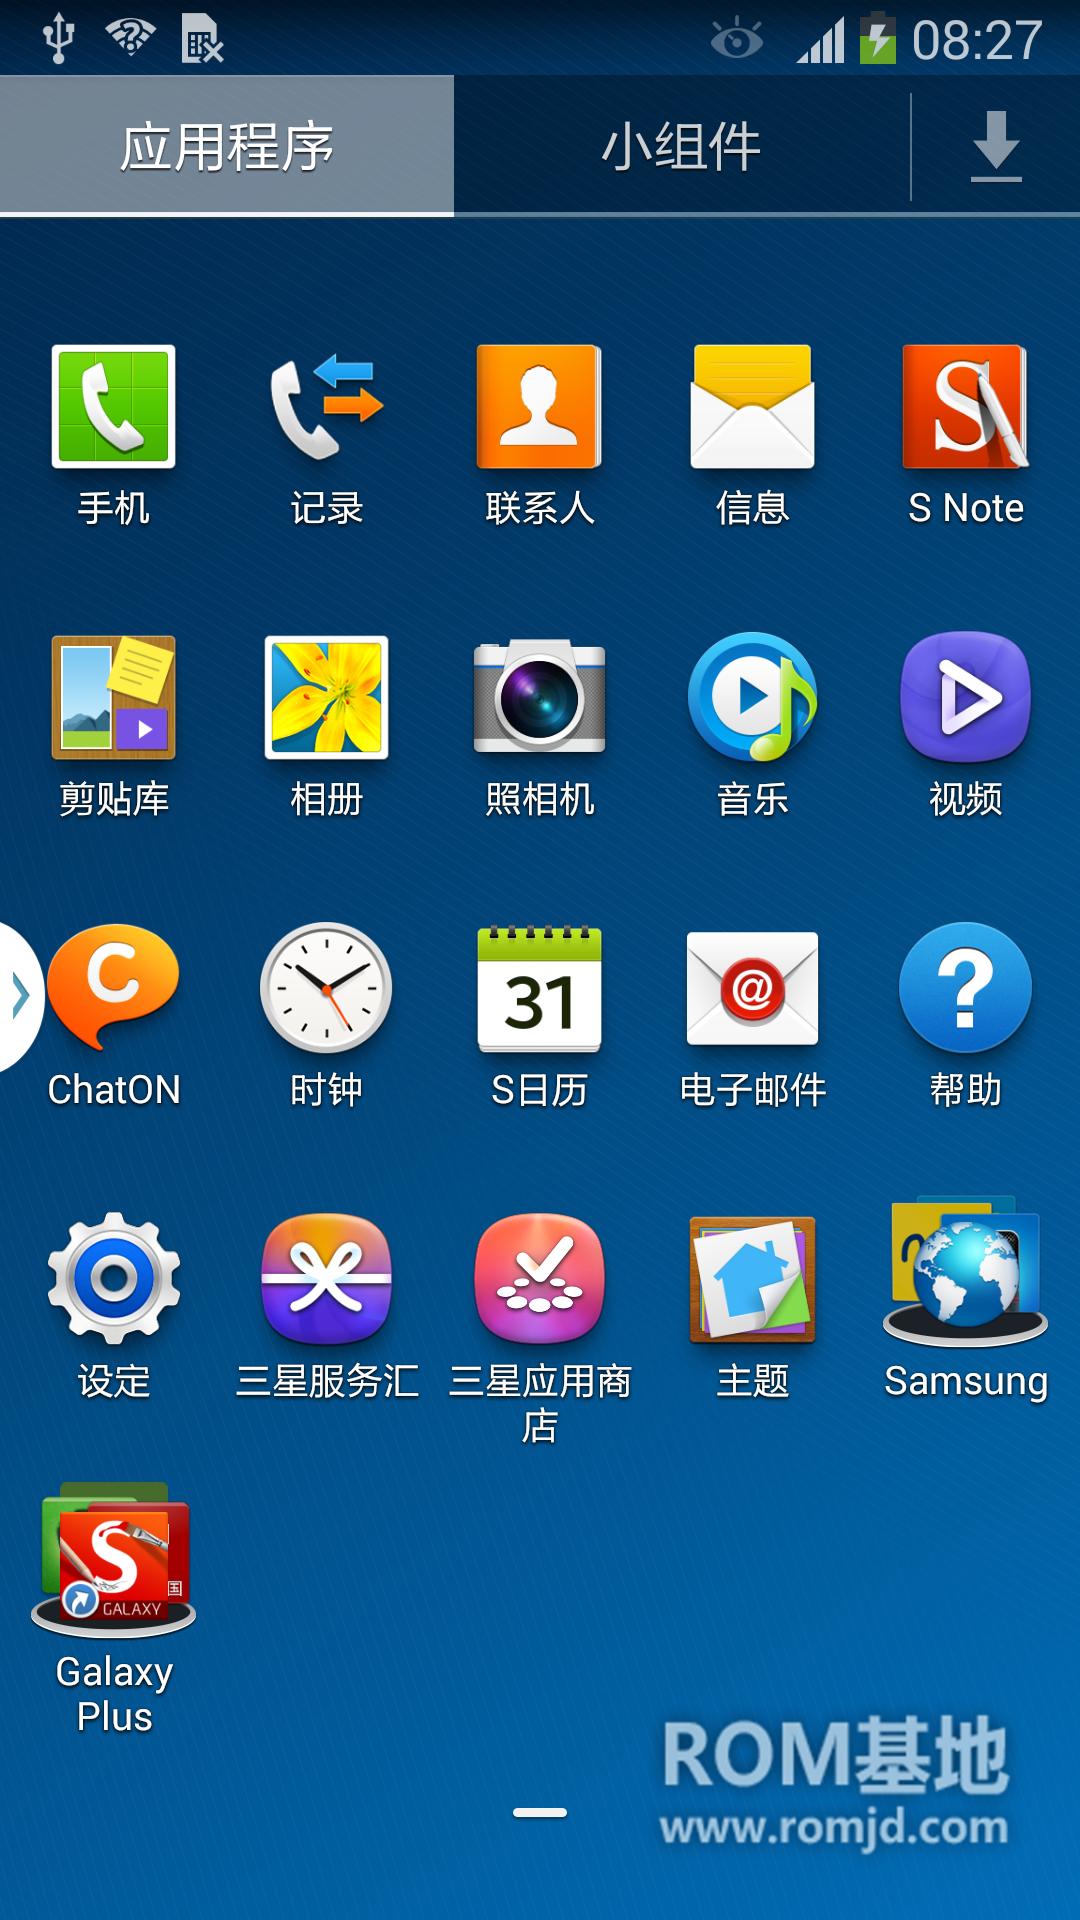 三星 N9006(Note3) 刷机包 基于官方精简ROM-ZCUDNA1 亲测|流畅|省电|稳定版ROM刷机包截图